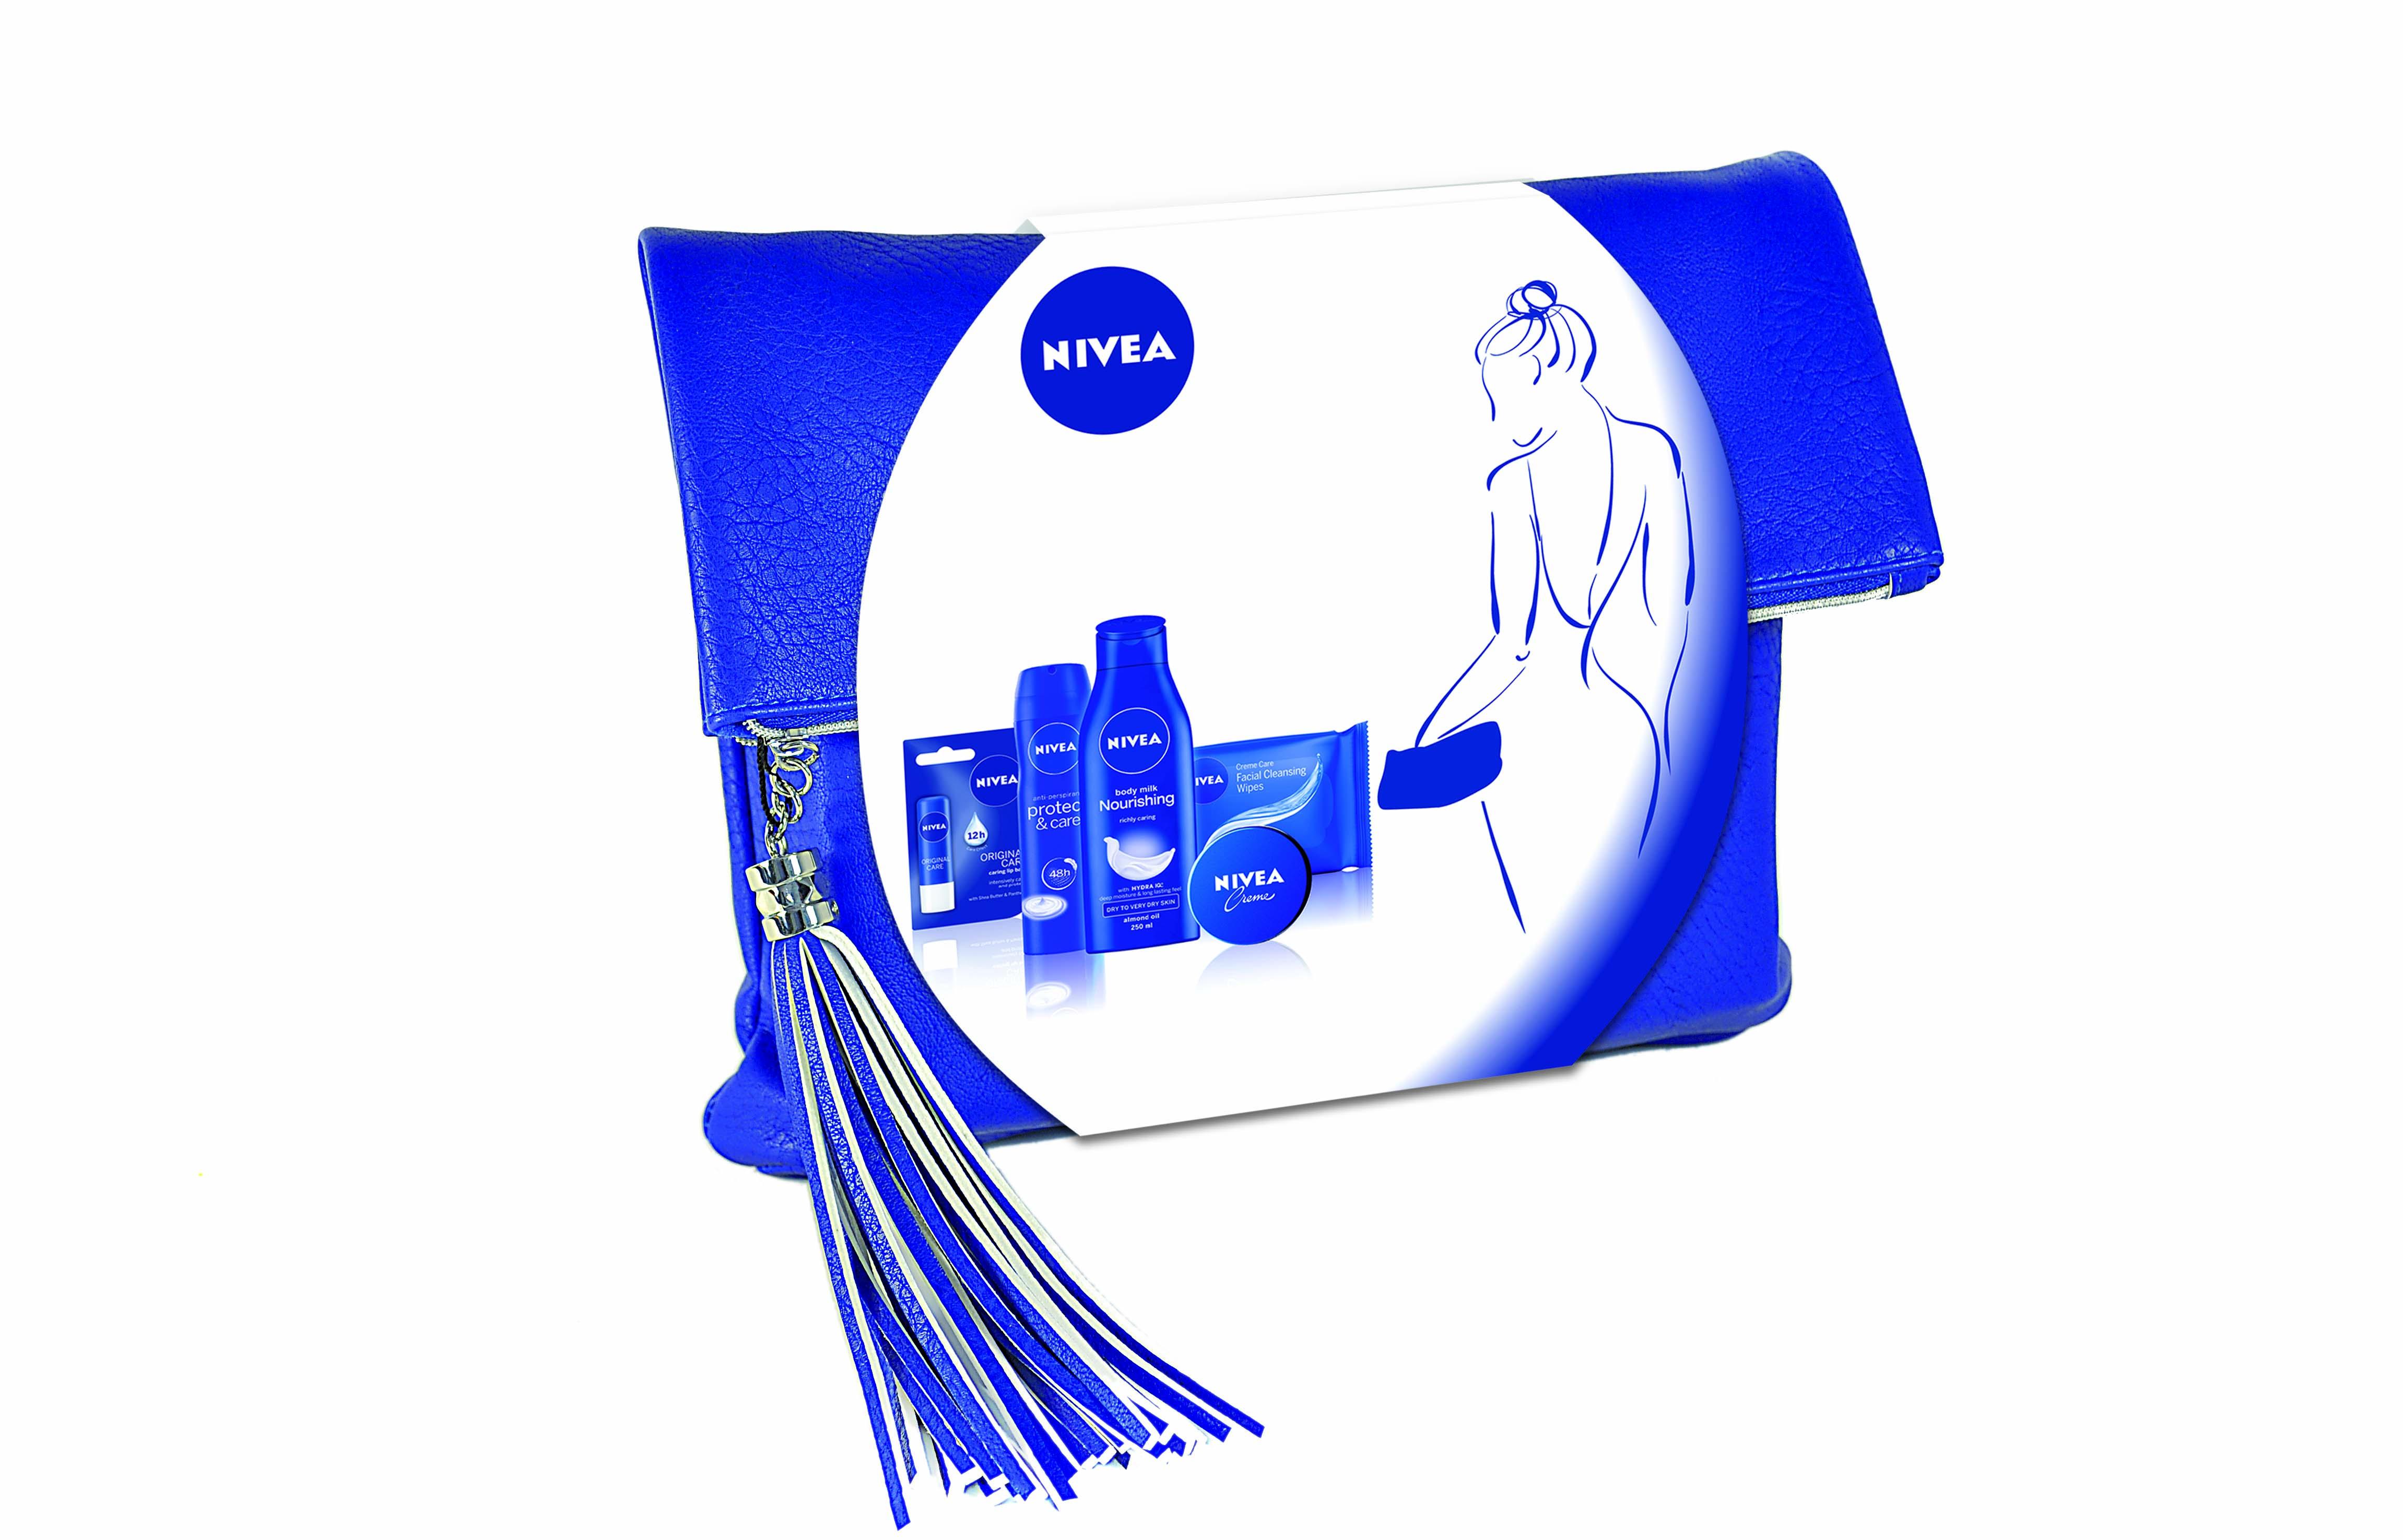 nivea_colectia-de-cadouri_blue_5-produse